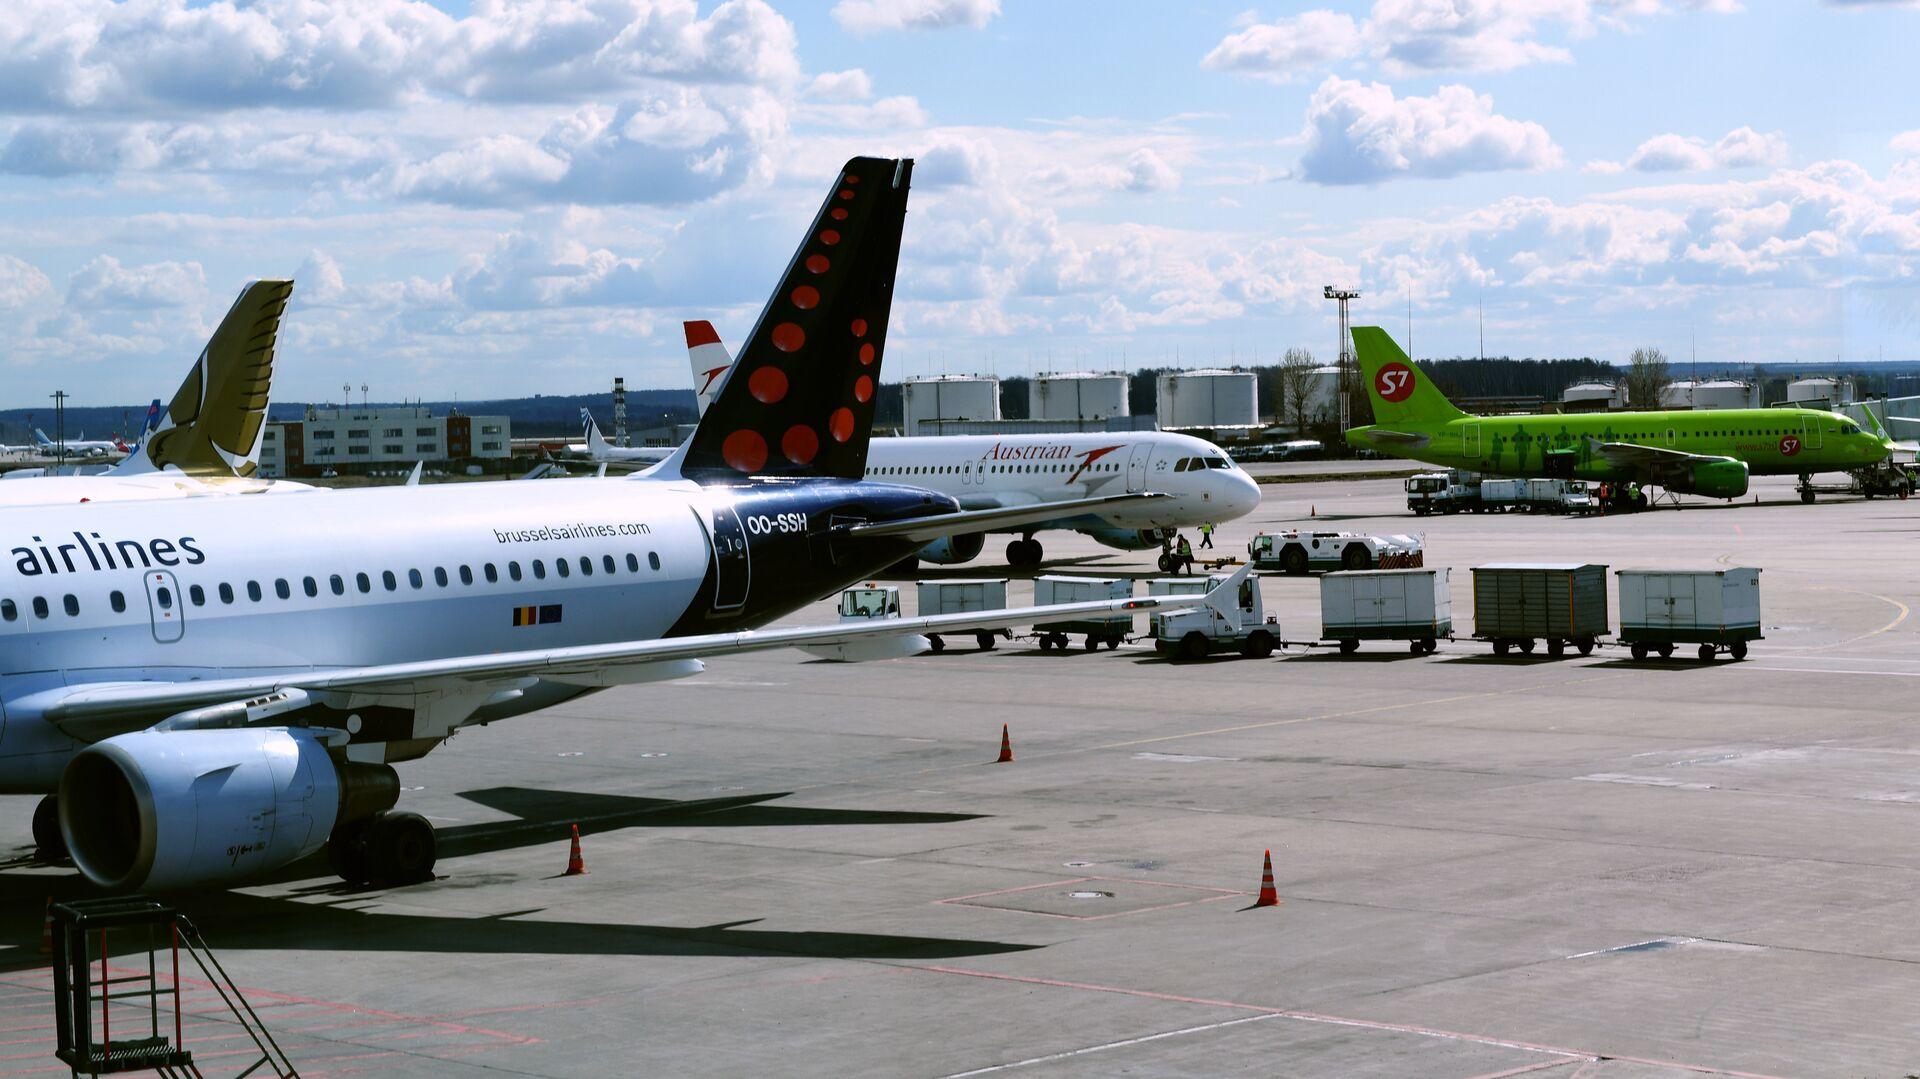 Самолеты авиакомпаний Brussels airlines, Austrian airlines и S7 в аэропорту Домодедово - РИА Новости, 1920, 27.05.2021